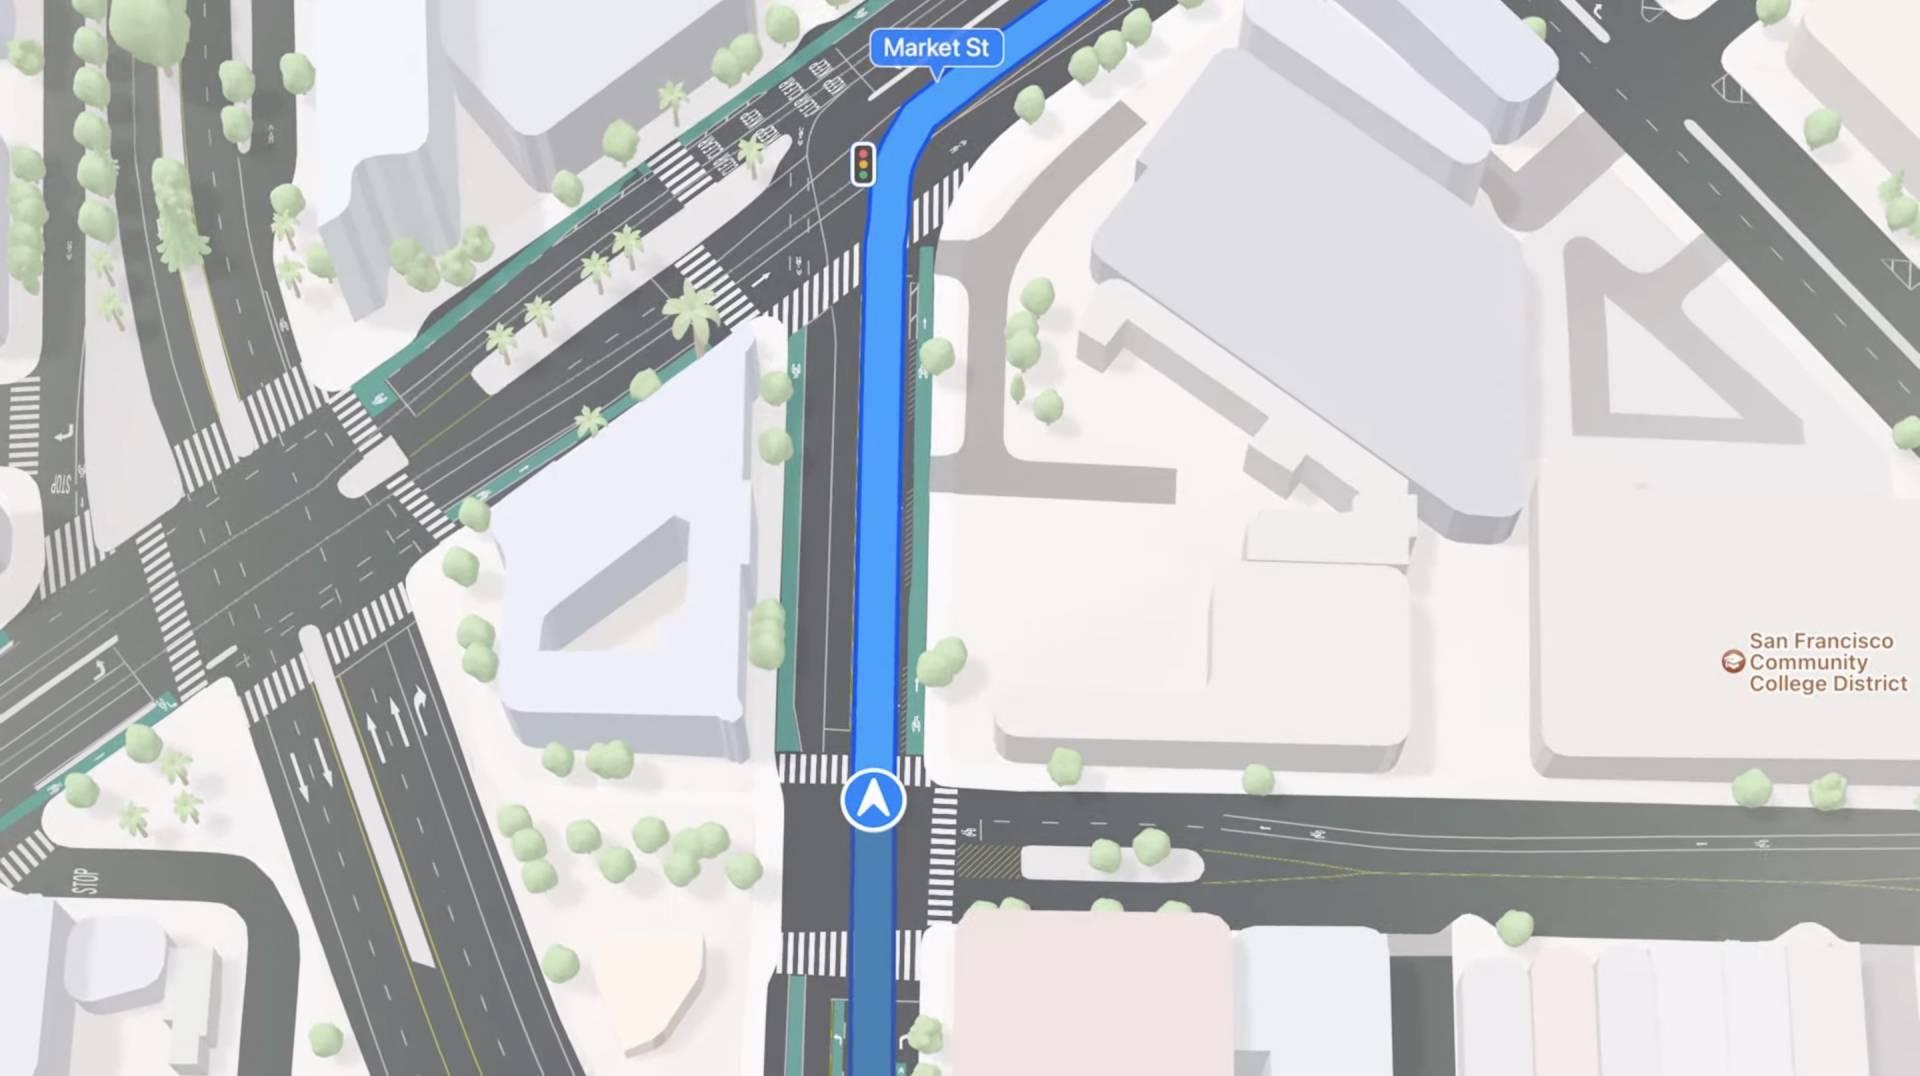 Novinky v Apple Maps - svetelné križovatky a prechody pre chodcov - WWDC 2021